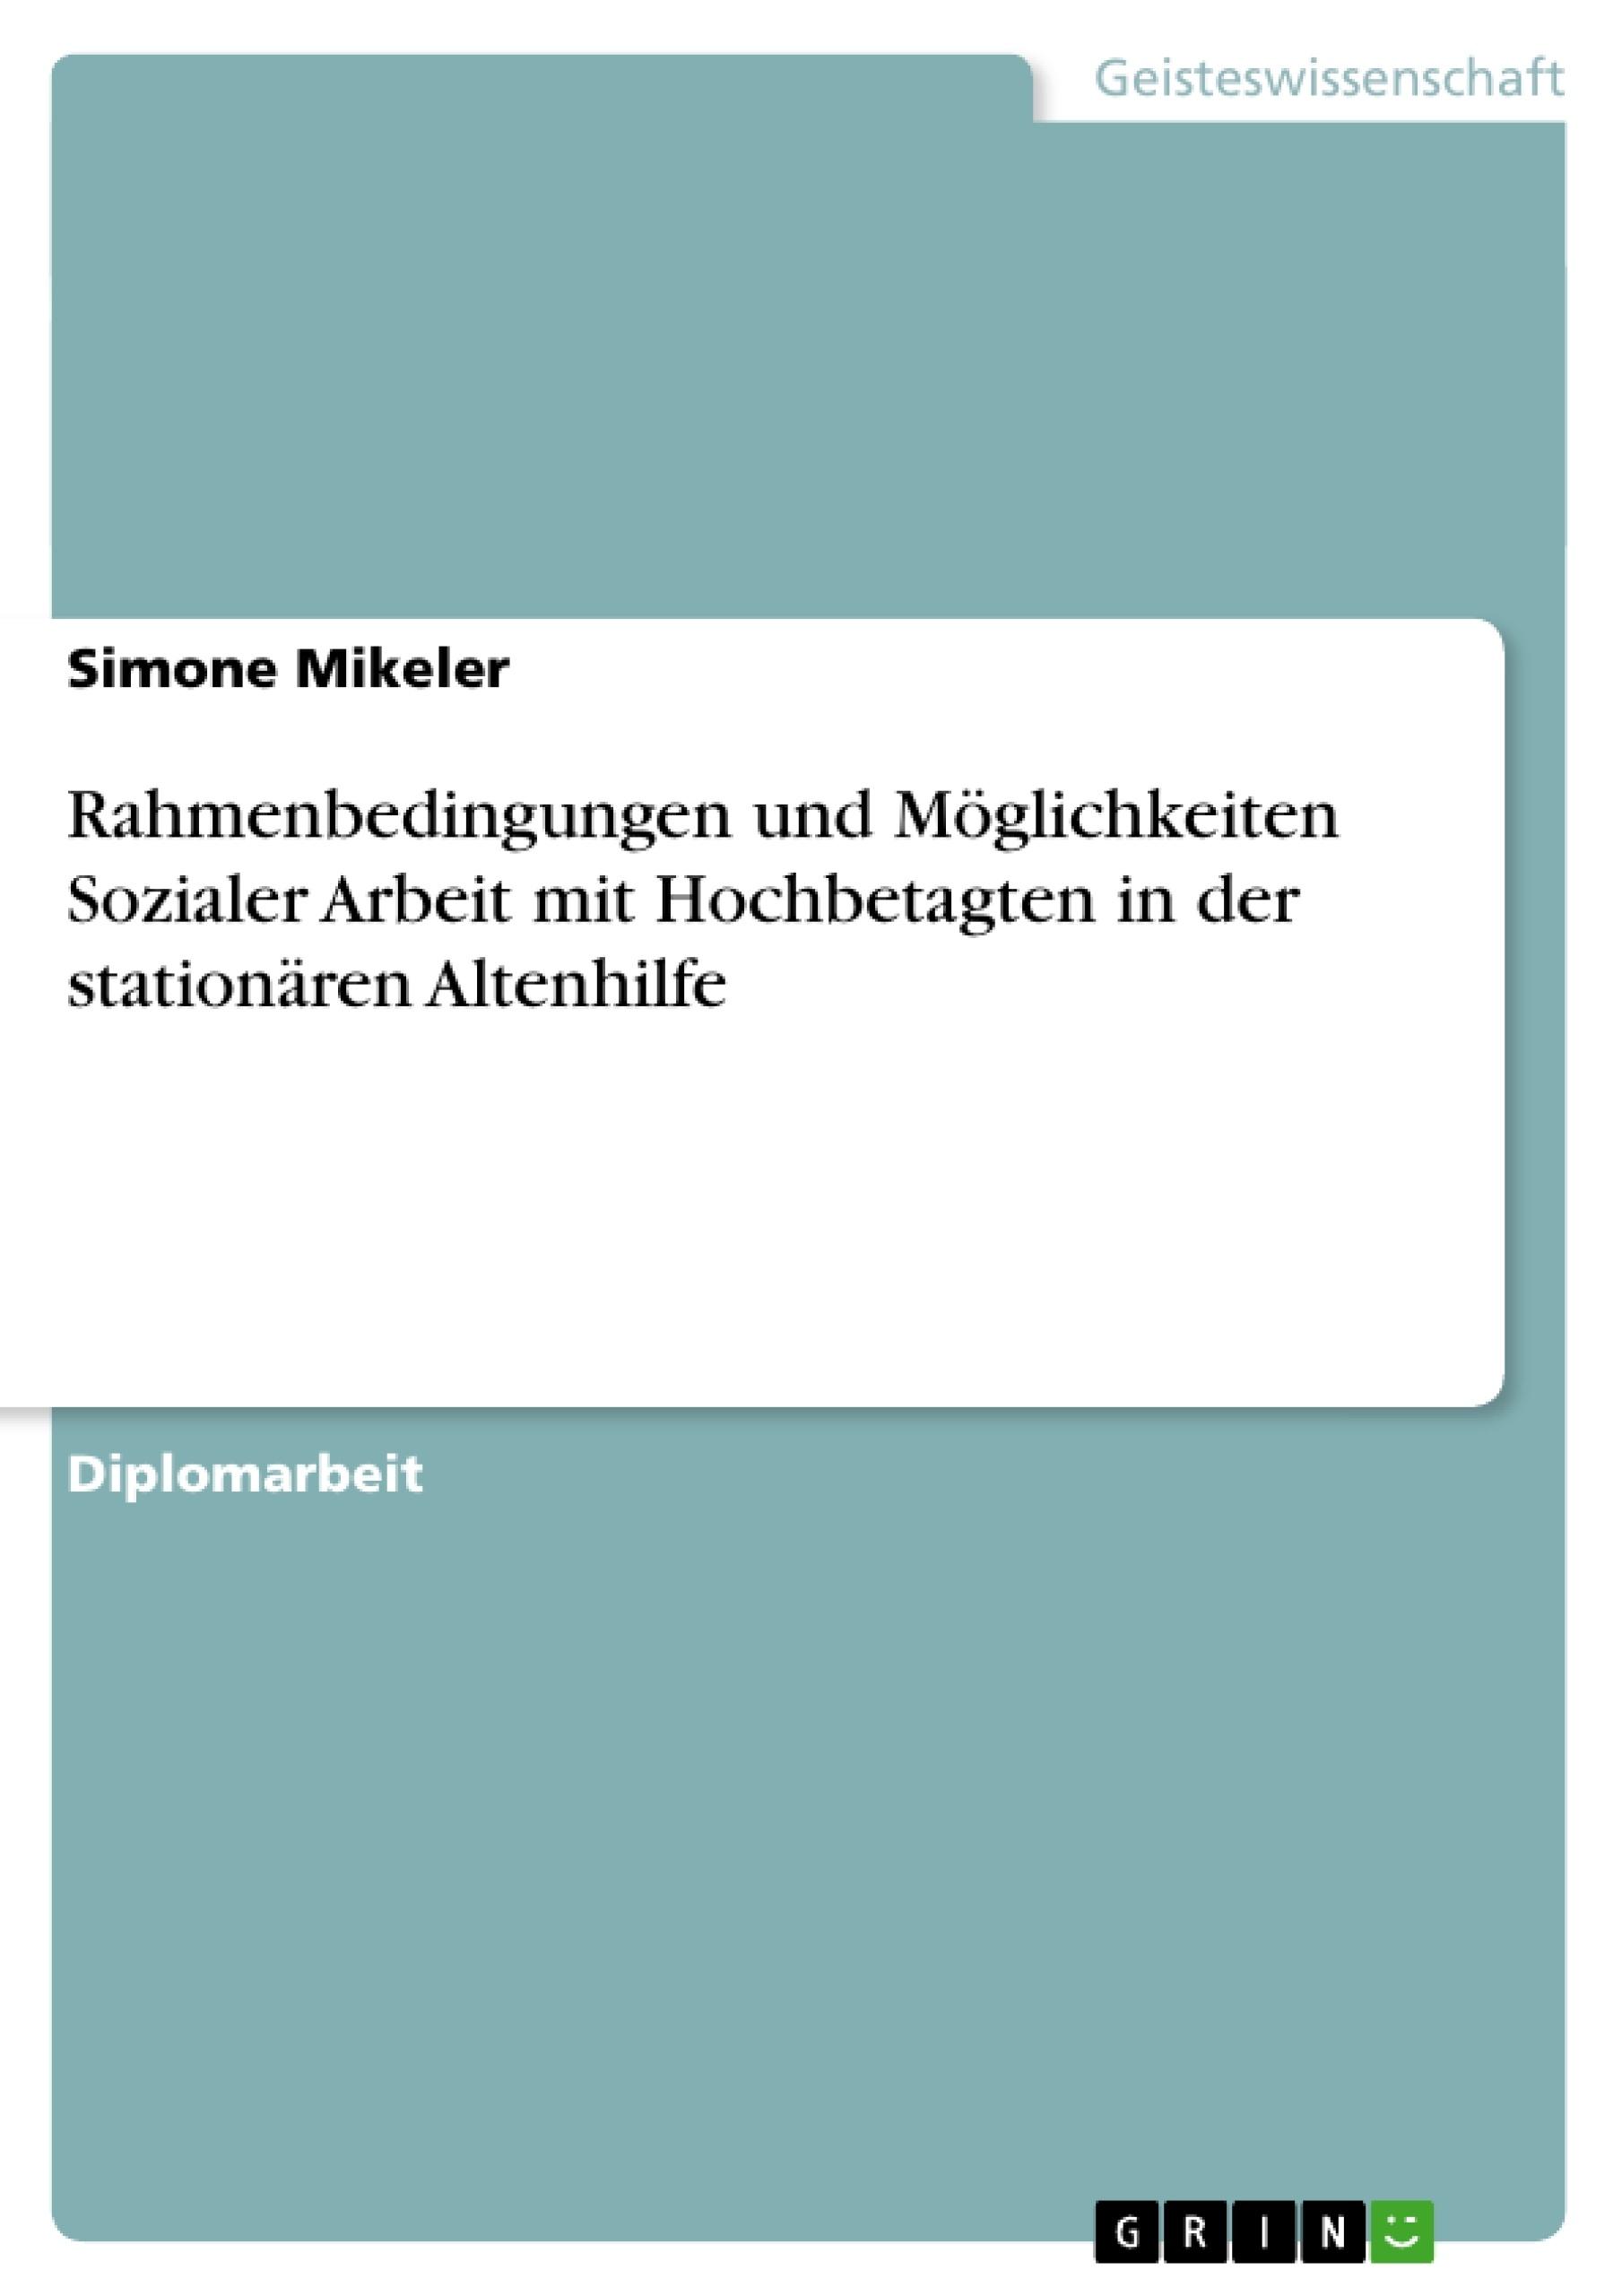 Titel: Rahmenbedingungen und Möglichkeiten Sozialer Arbeit mit Hochbetagten in der stationären Altenhilfe